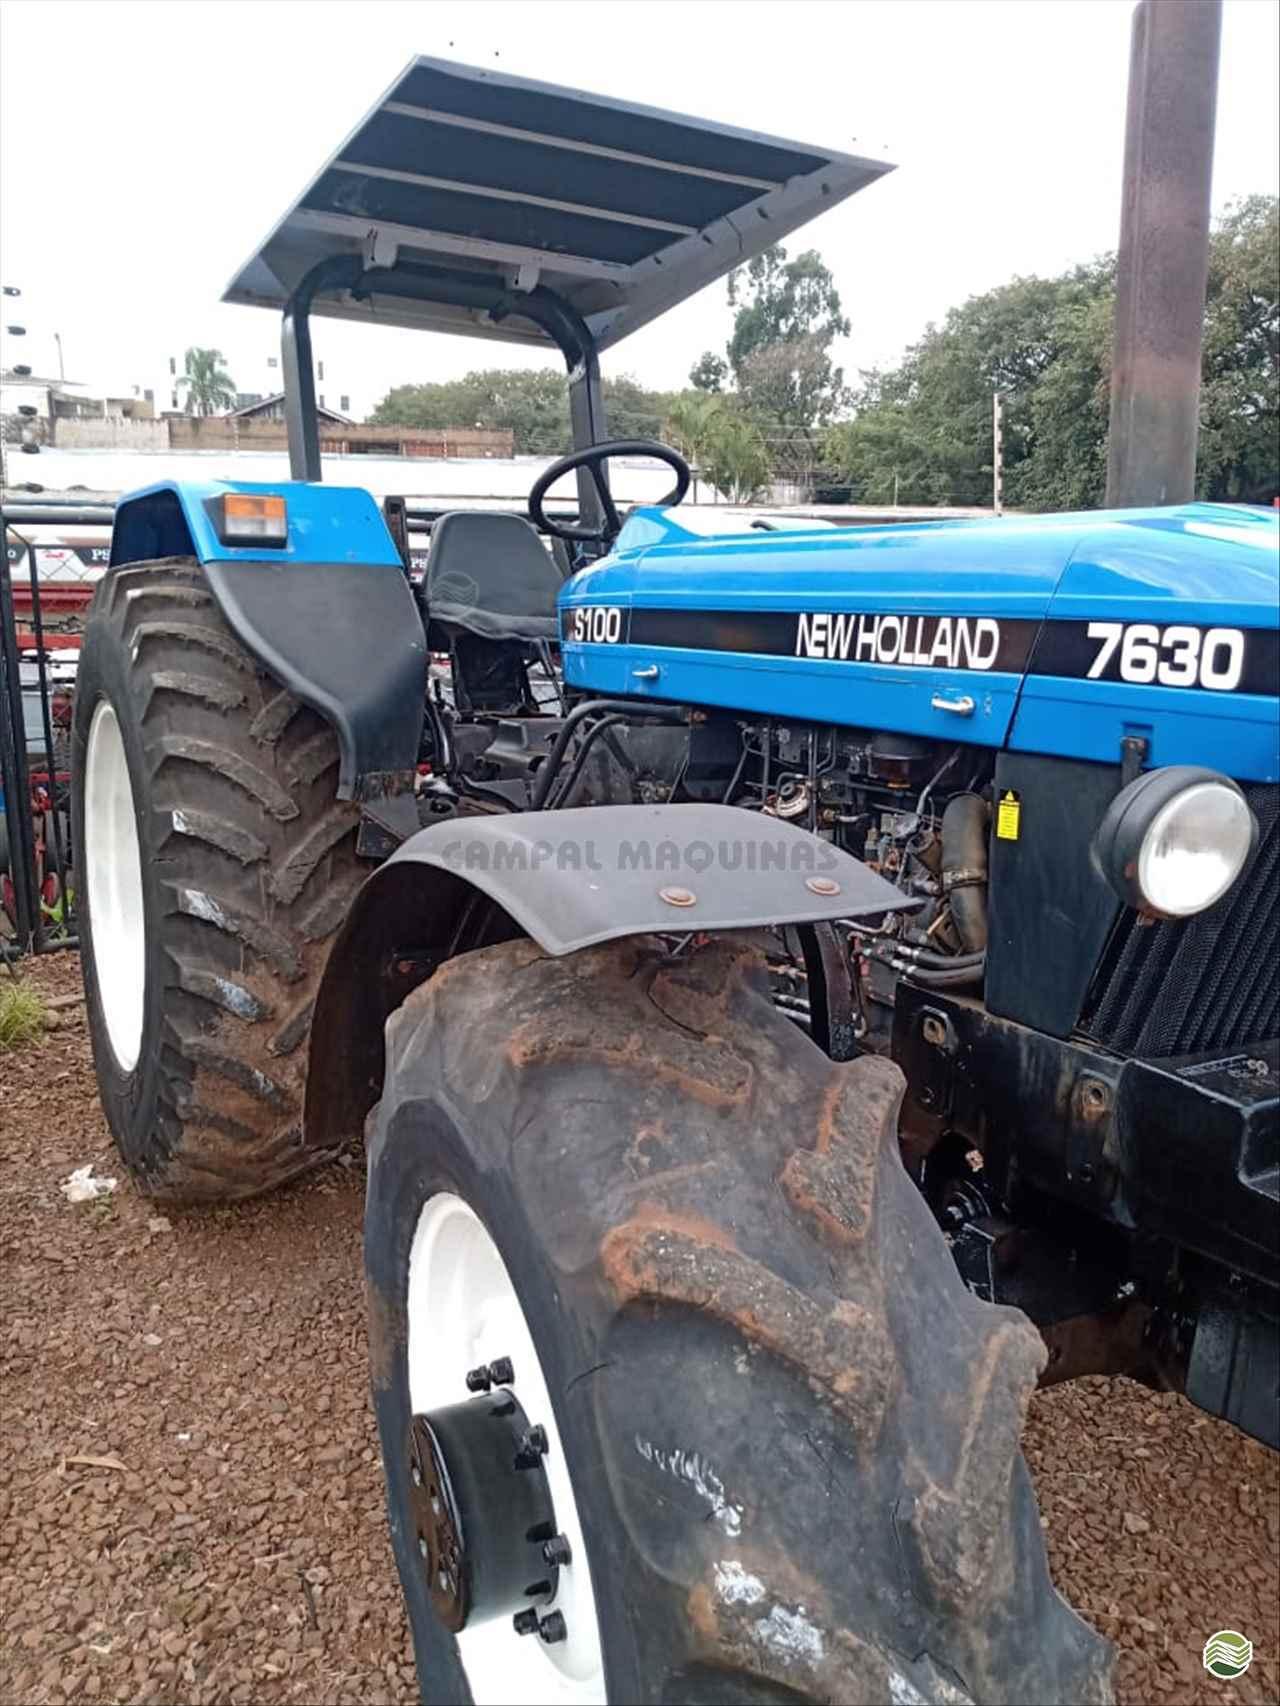 TRATOR NEW HOLLAND NEW 7630 Tração 4x4 Campal Máquinas CAMPO MOURAO PARANÁ PR